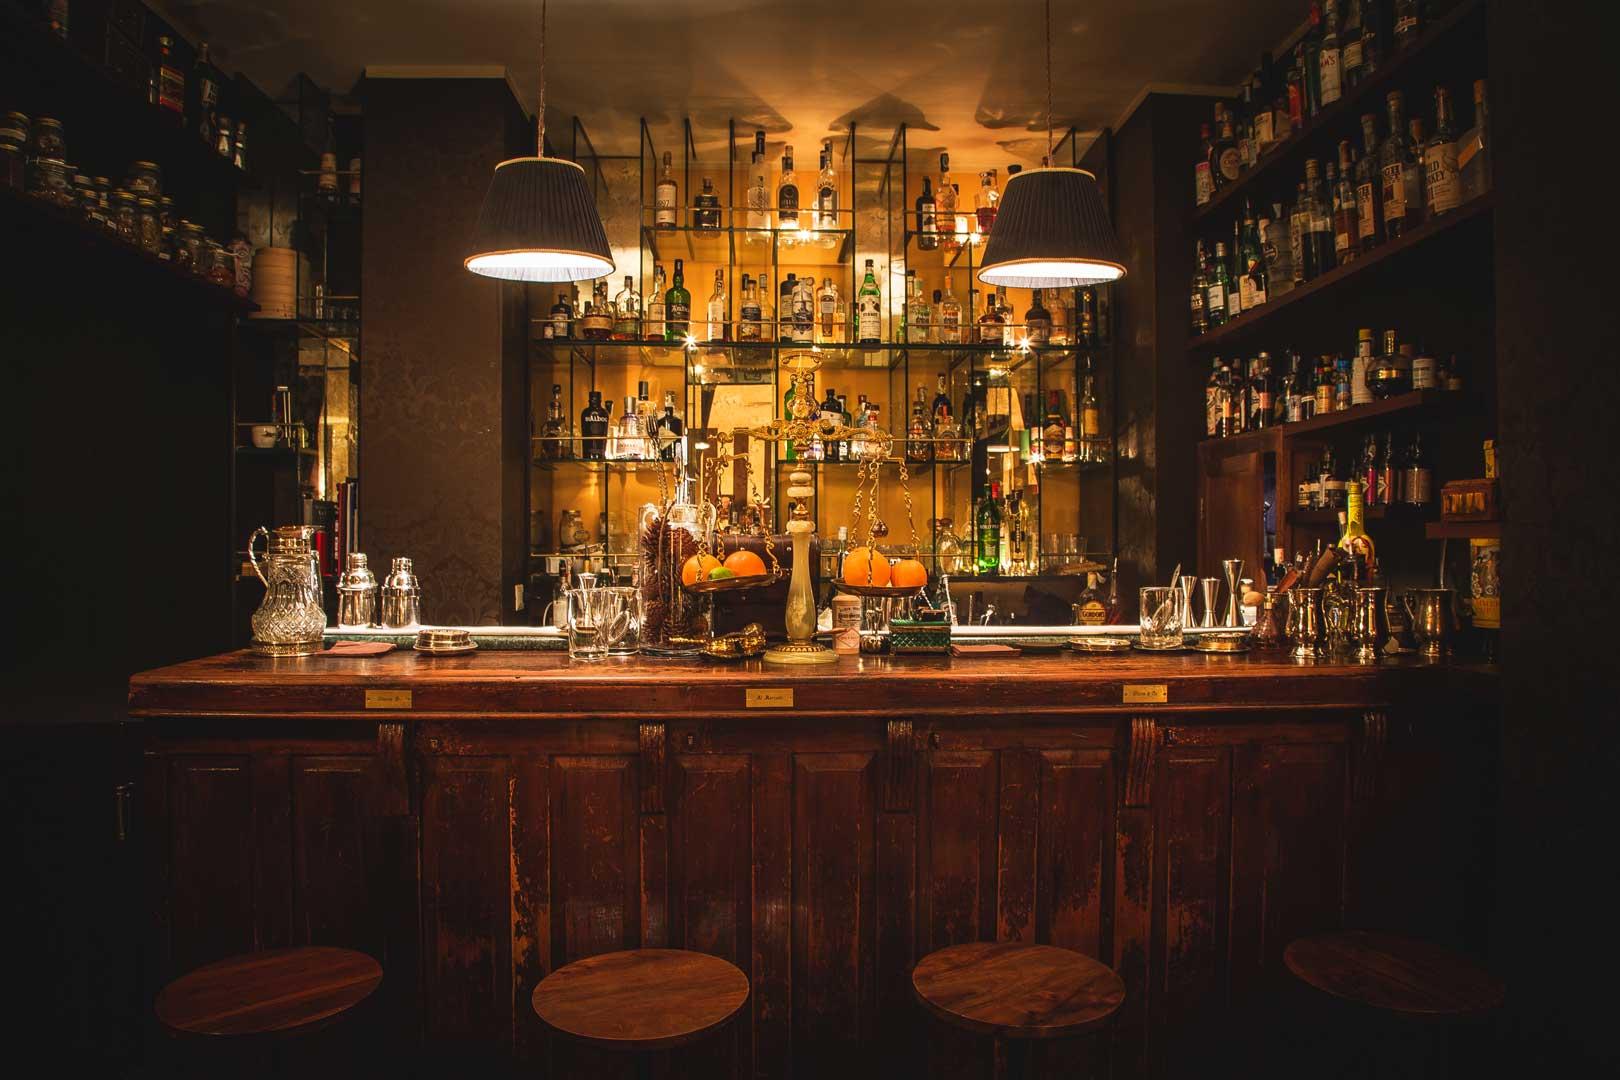 Miglior bar italiano